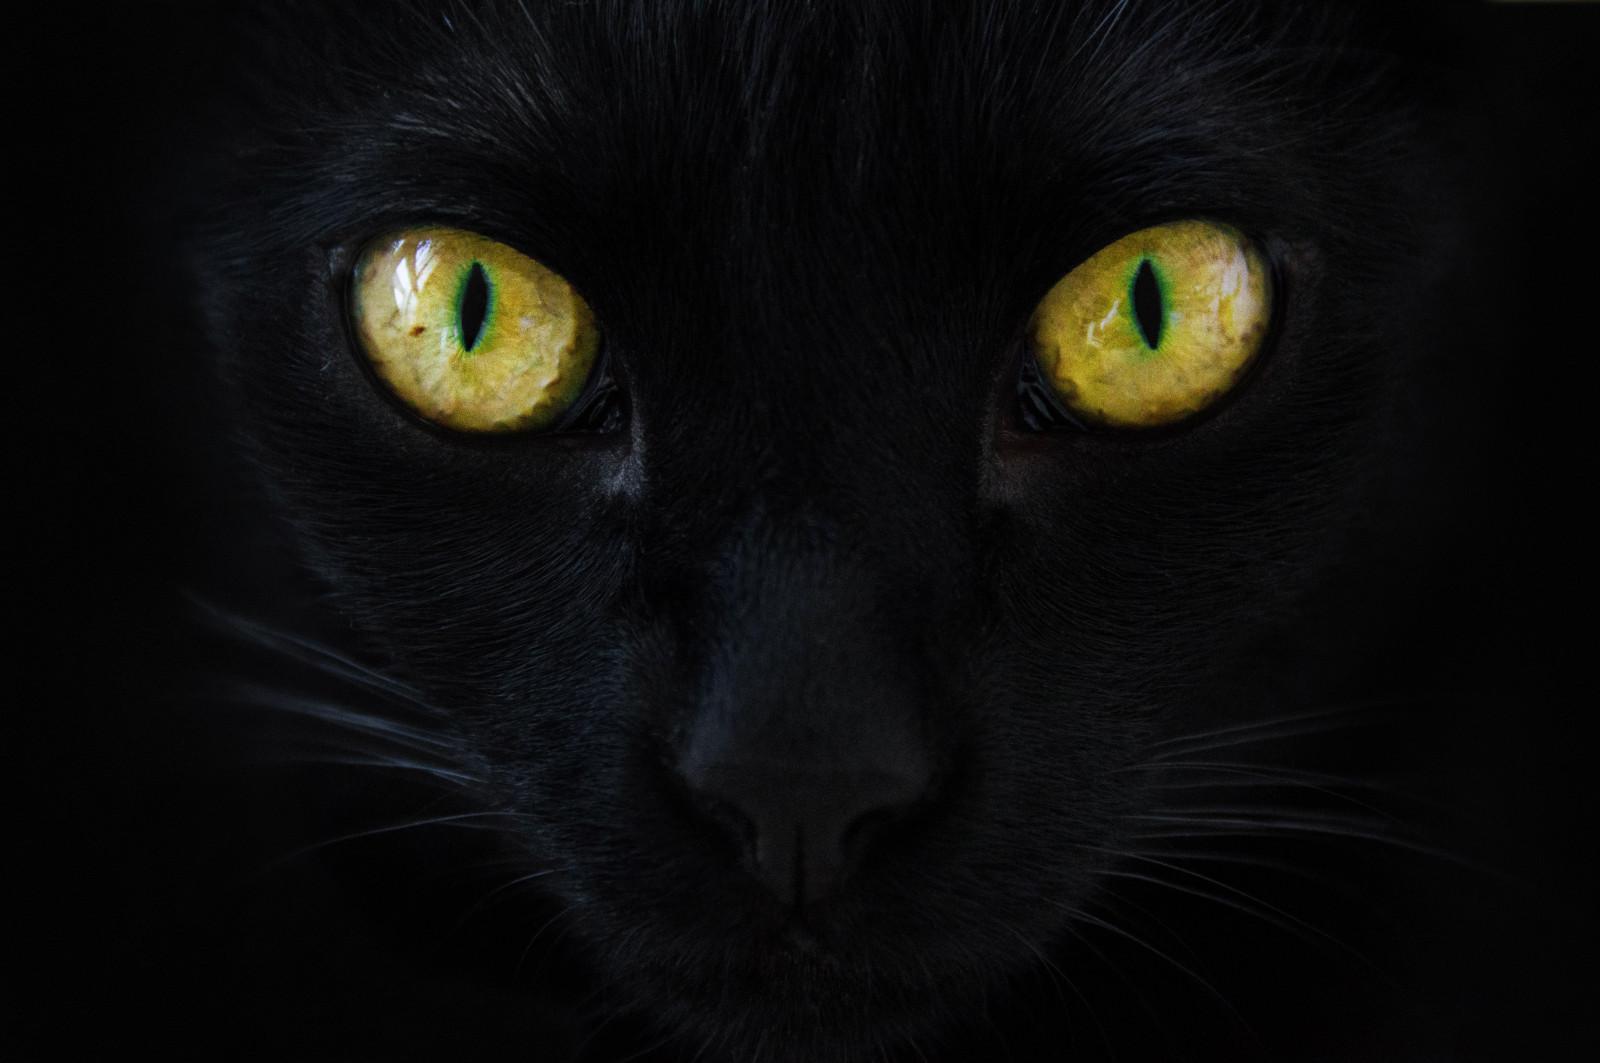 fond d 39 cran chat noir or jaune vert couleurs color couleur les yeux animal de. Black Bedroom Furniture Sets. Home Design Ideas